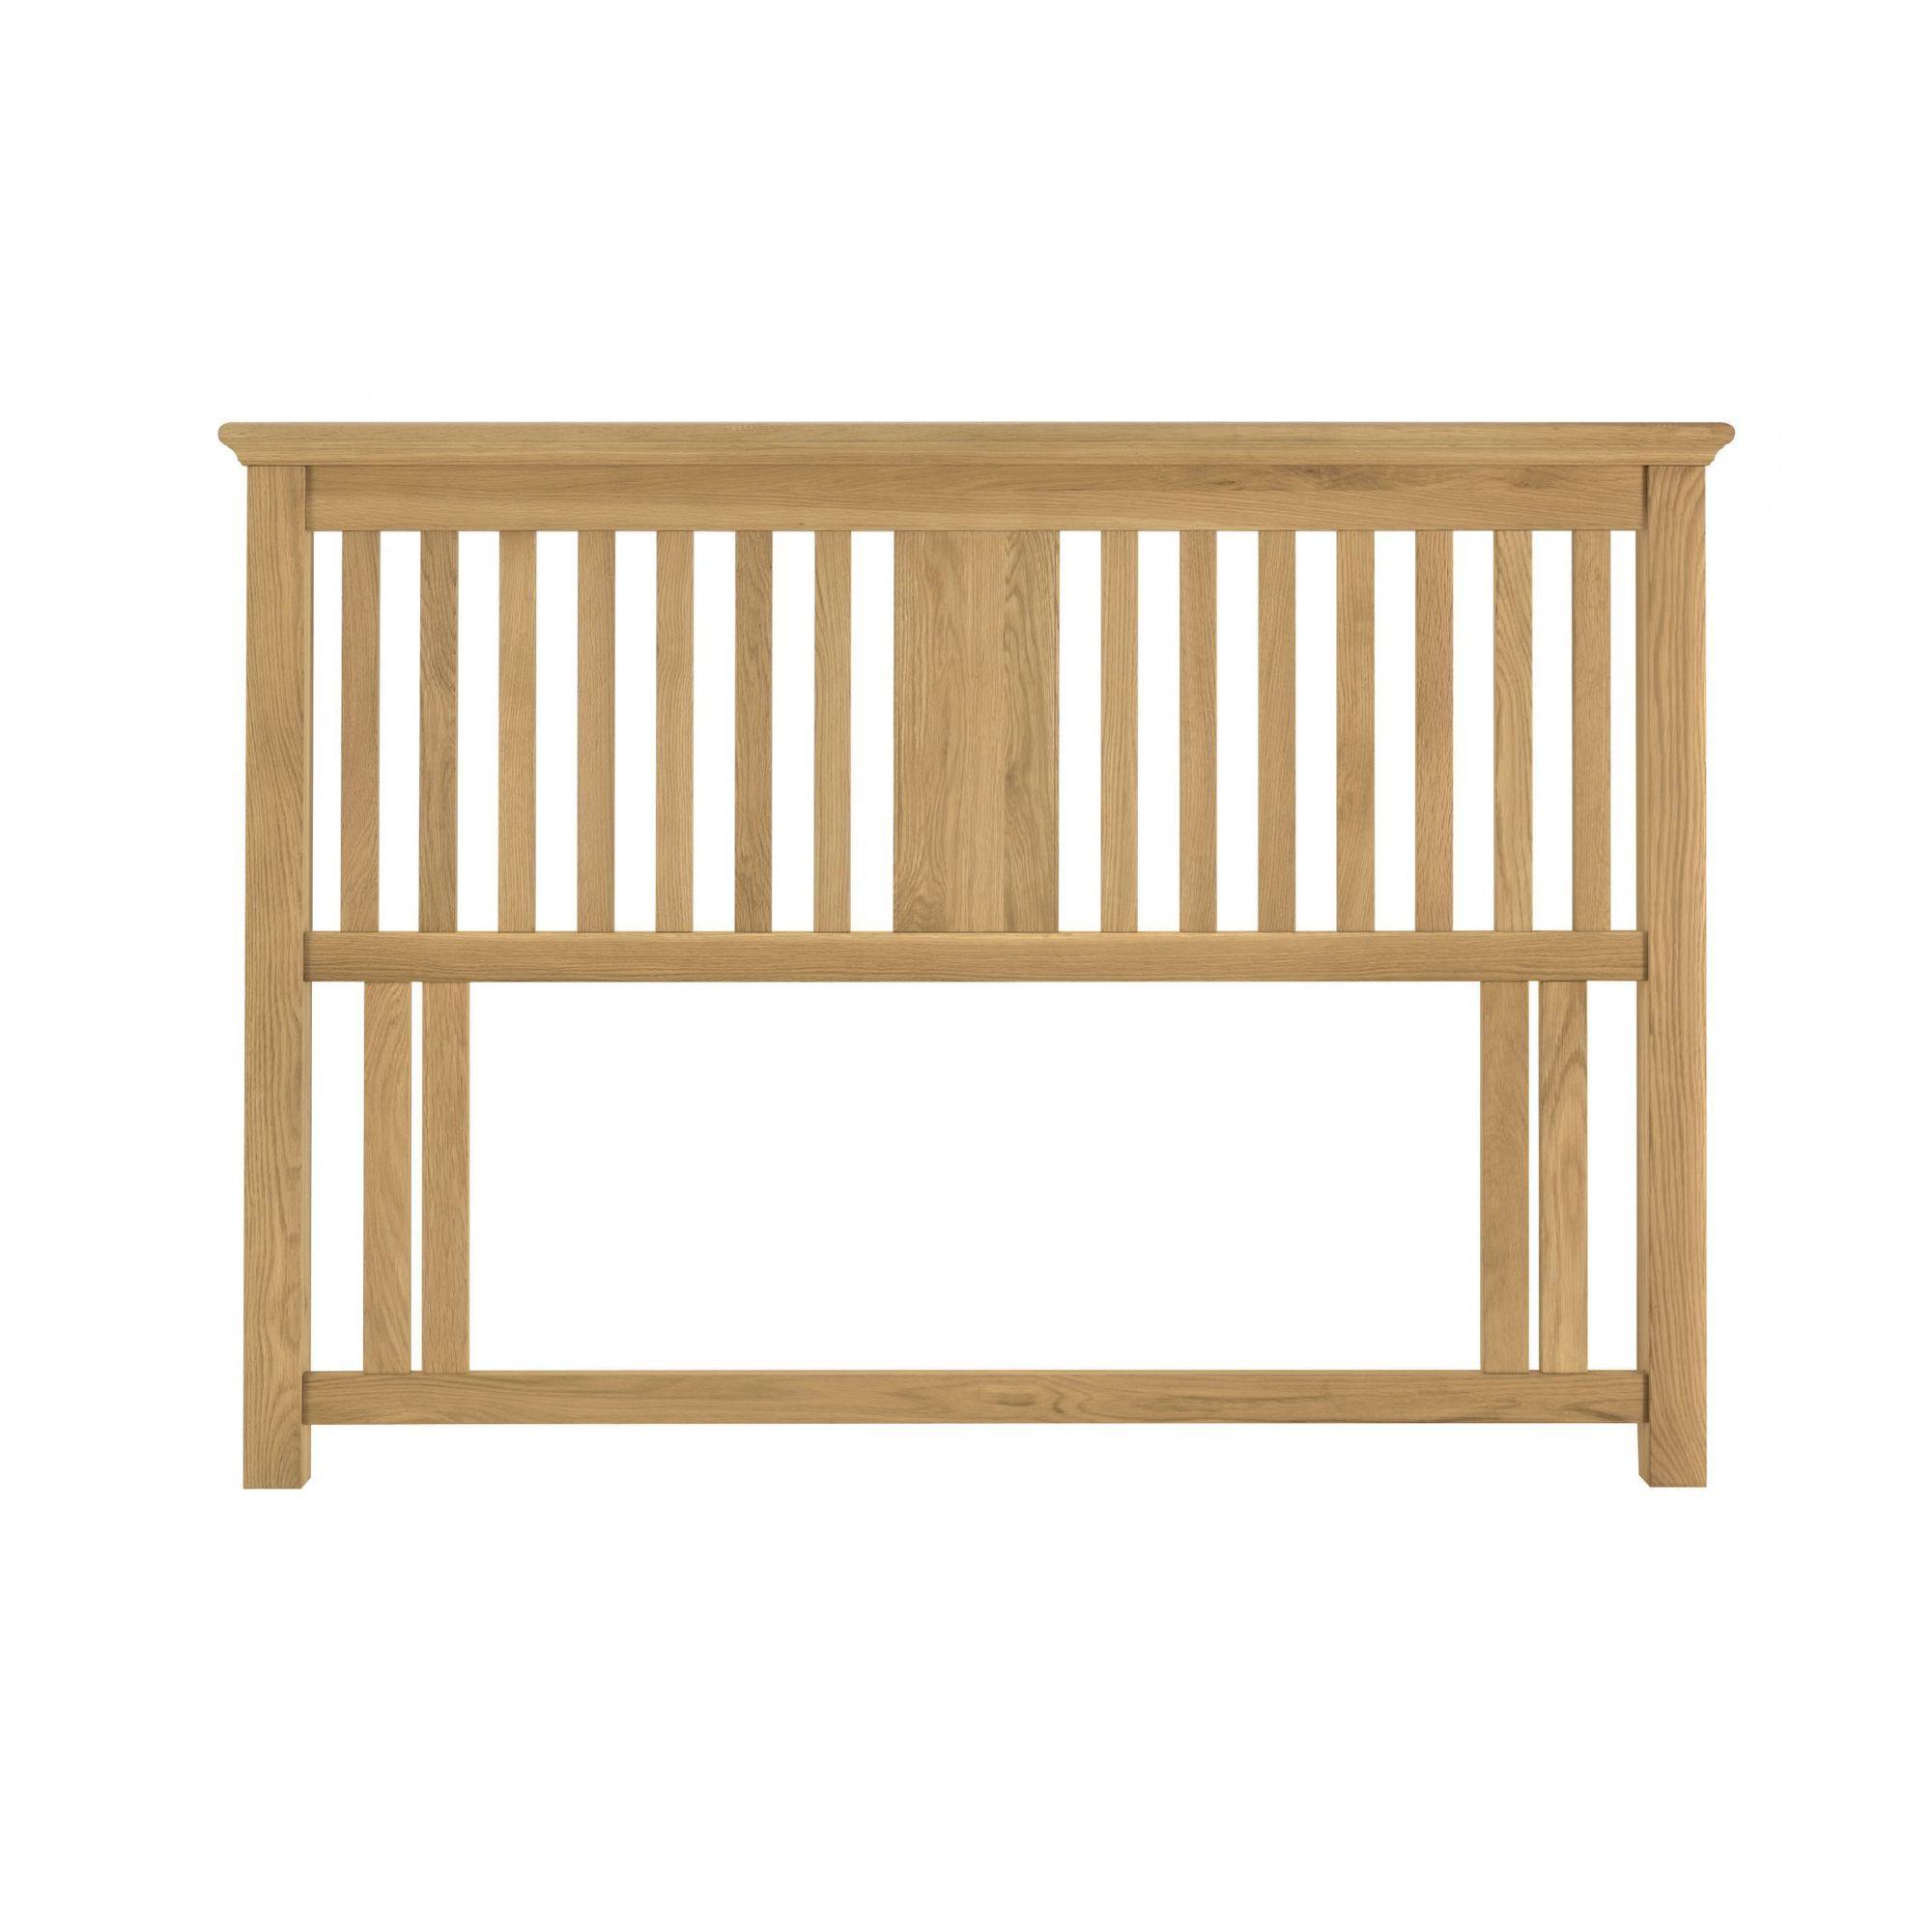 Bedroom Recliner Chairs Bedroom Furniture Floor Plan Cream Carpet Bedroom Bedroom Bench Uk: Cookes Collection Camden Oak Headboard King